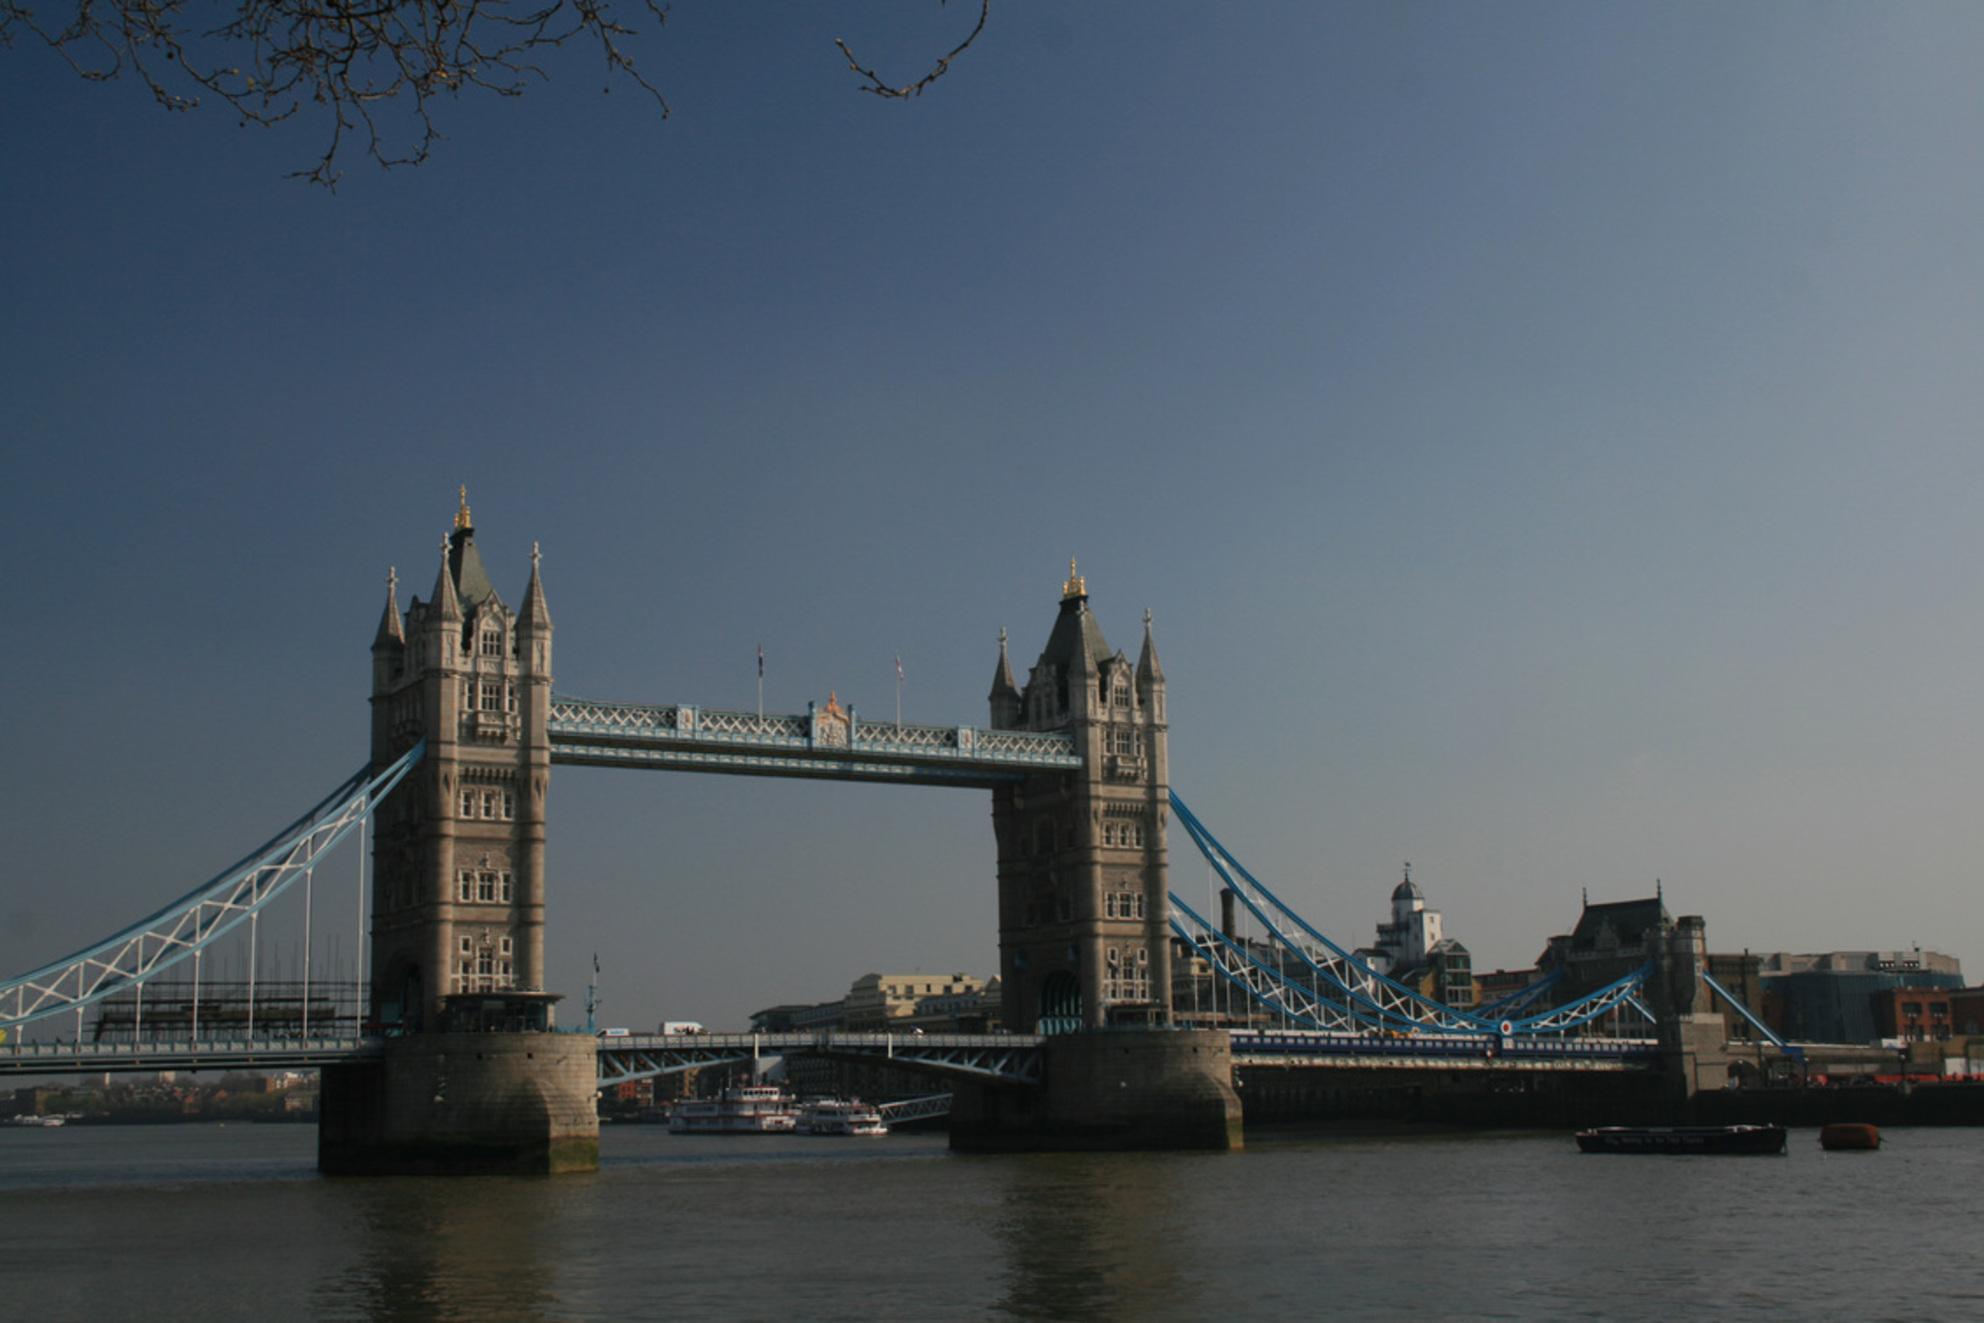 Meer Tower Bridge - Ik twijfel welke mooier is, iemand voorkeuren? - foto door Tegeltje op 13-04-2009 - deze foto bevat: tower, bridge, london, architectuur - Deze foto mag gebruikt worden in een Zoom.nl publicatie